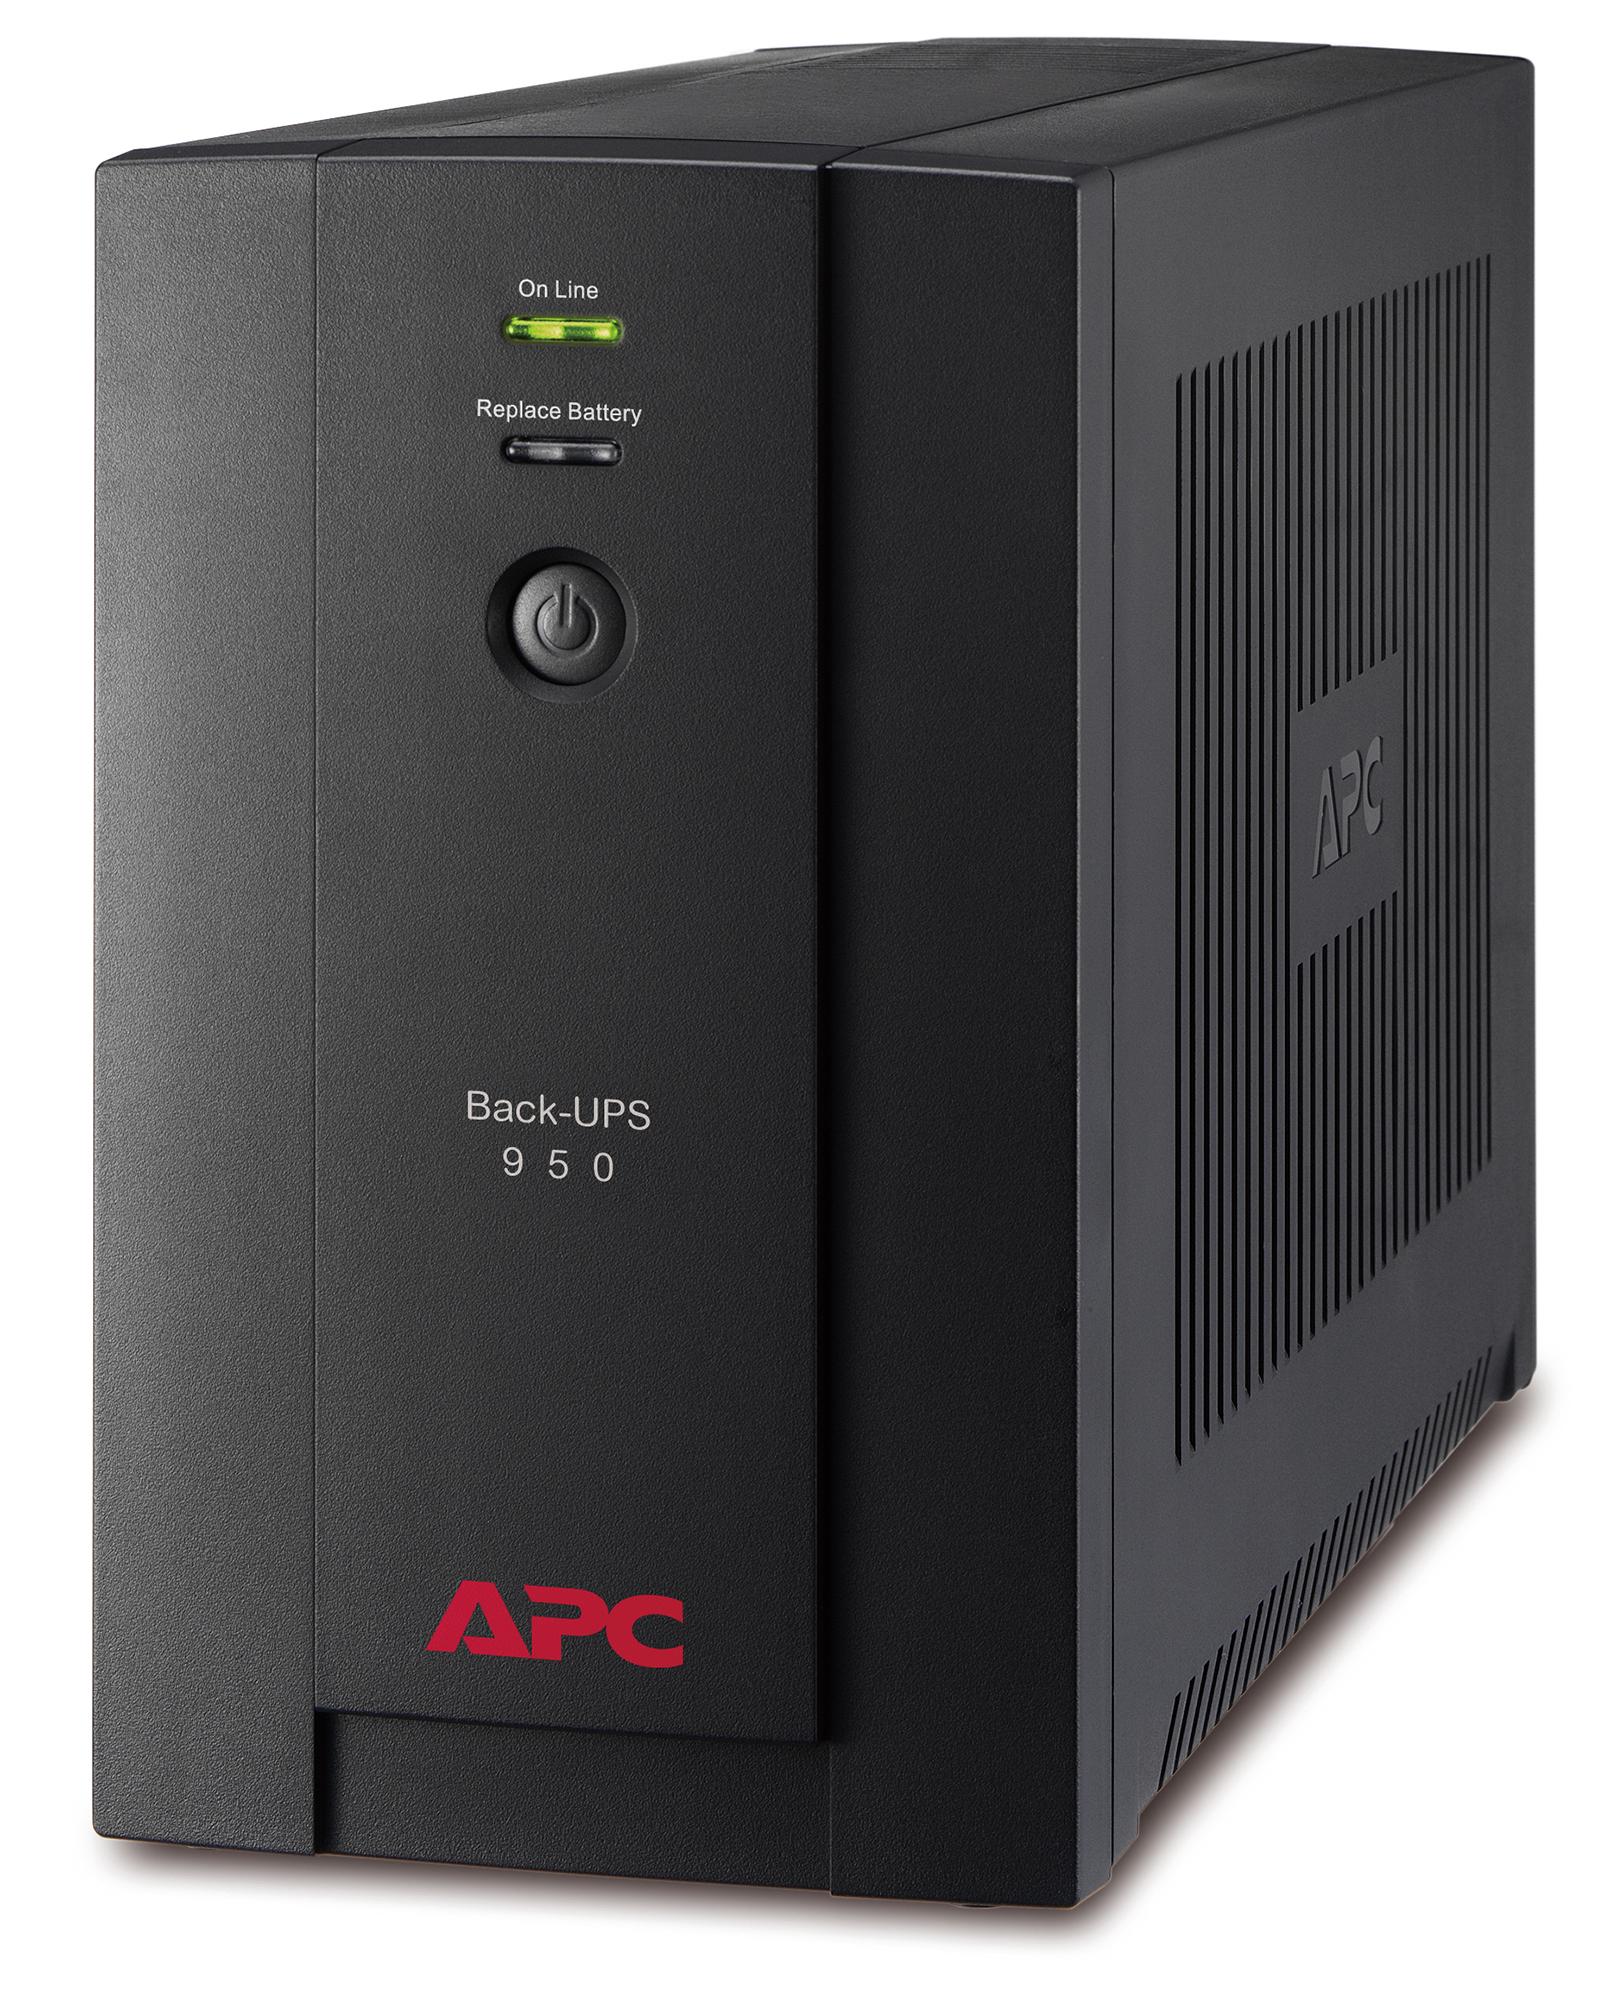 APC Back-UPS sistema de alimentación ininterrumpida (UPS) Línea interactiva 950 VA 480 W 6 salidas AC